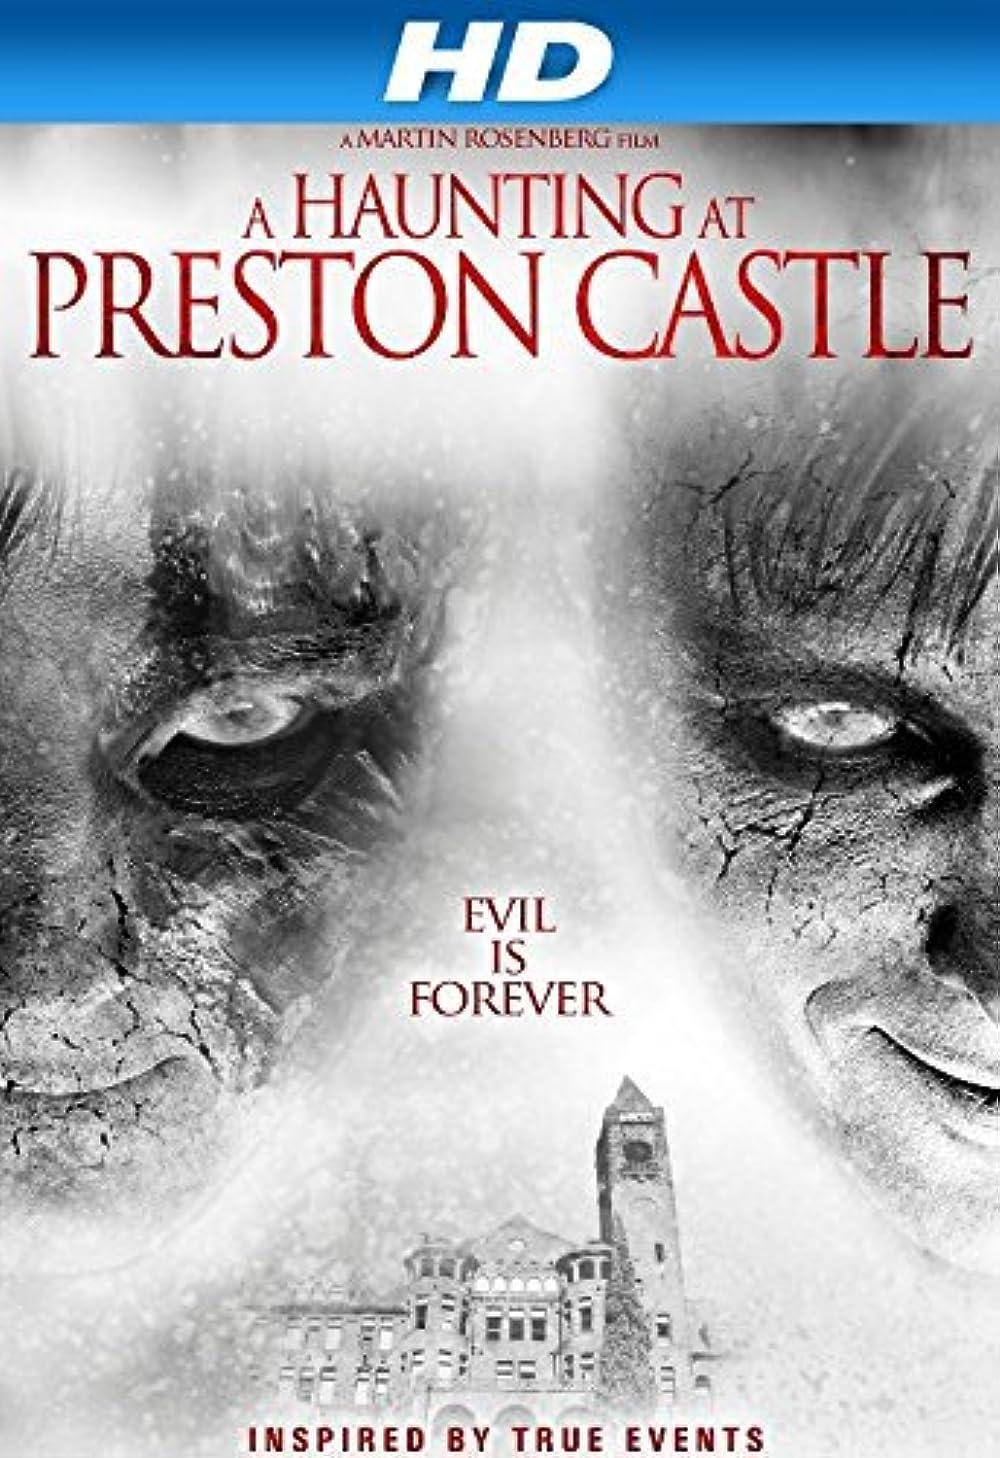 Preston Castle 2014 Imdb